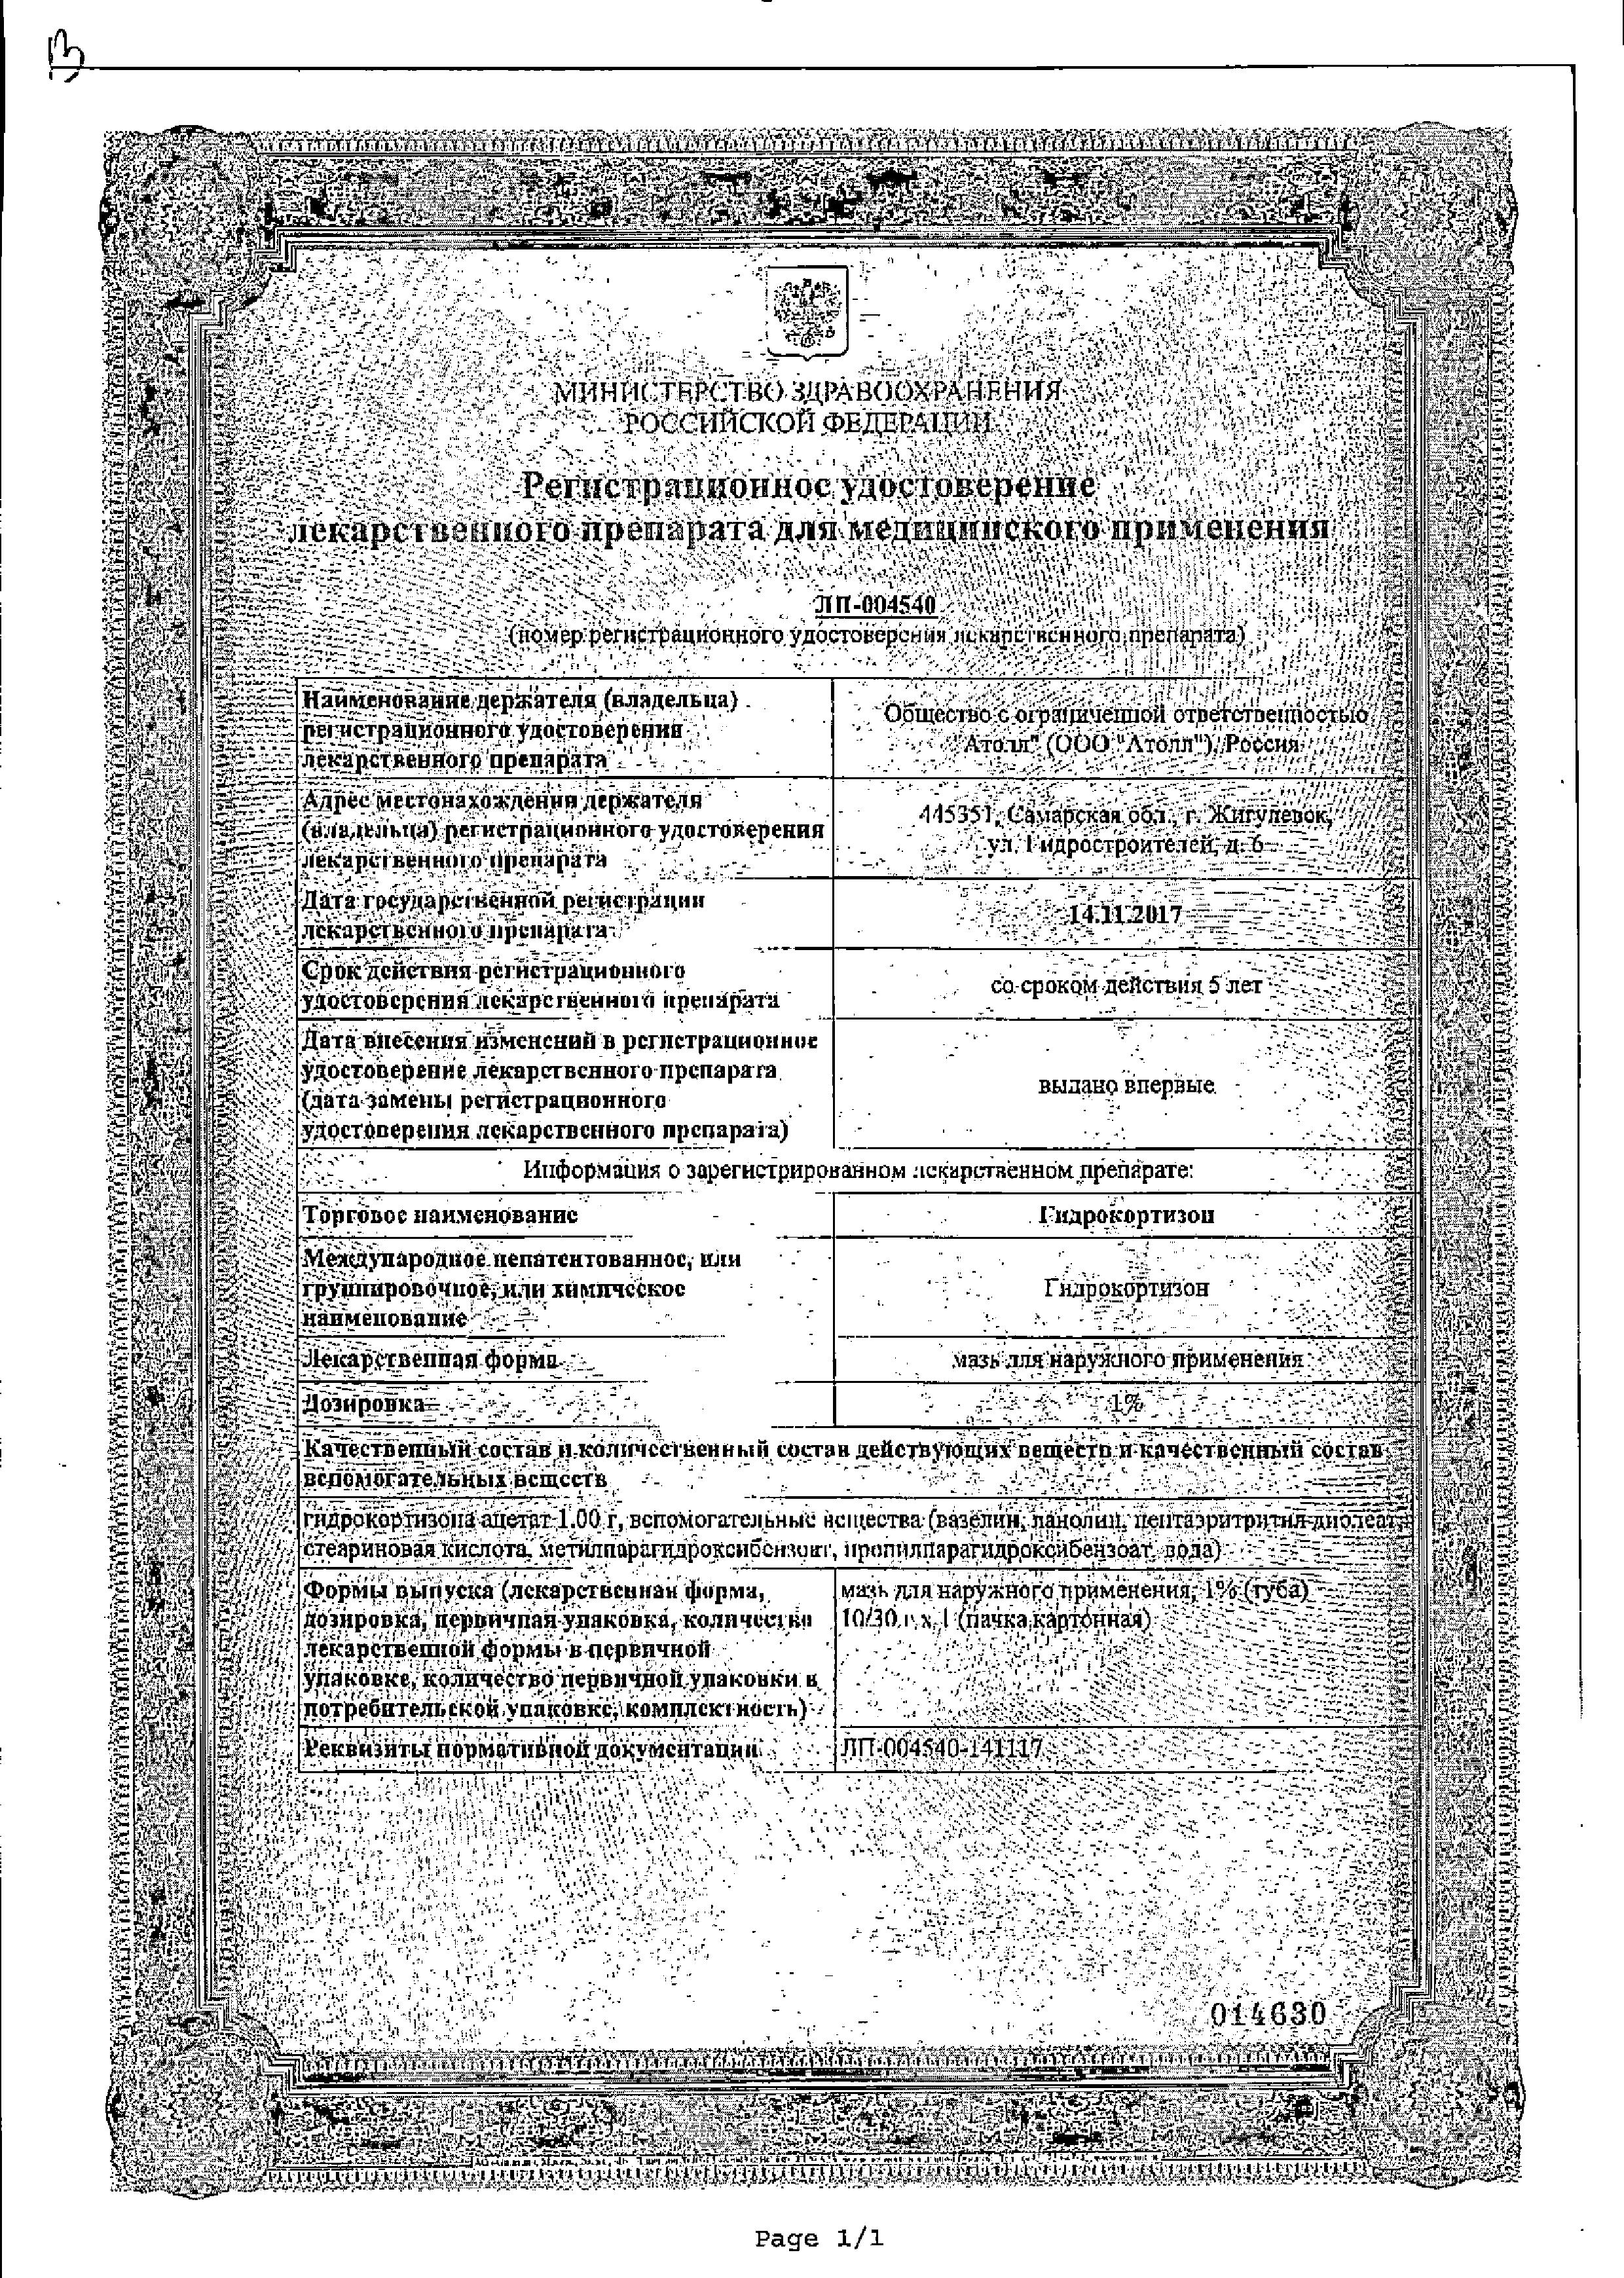 Гидрокортизон сертификат